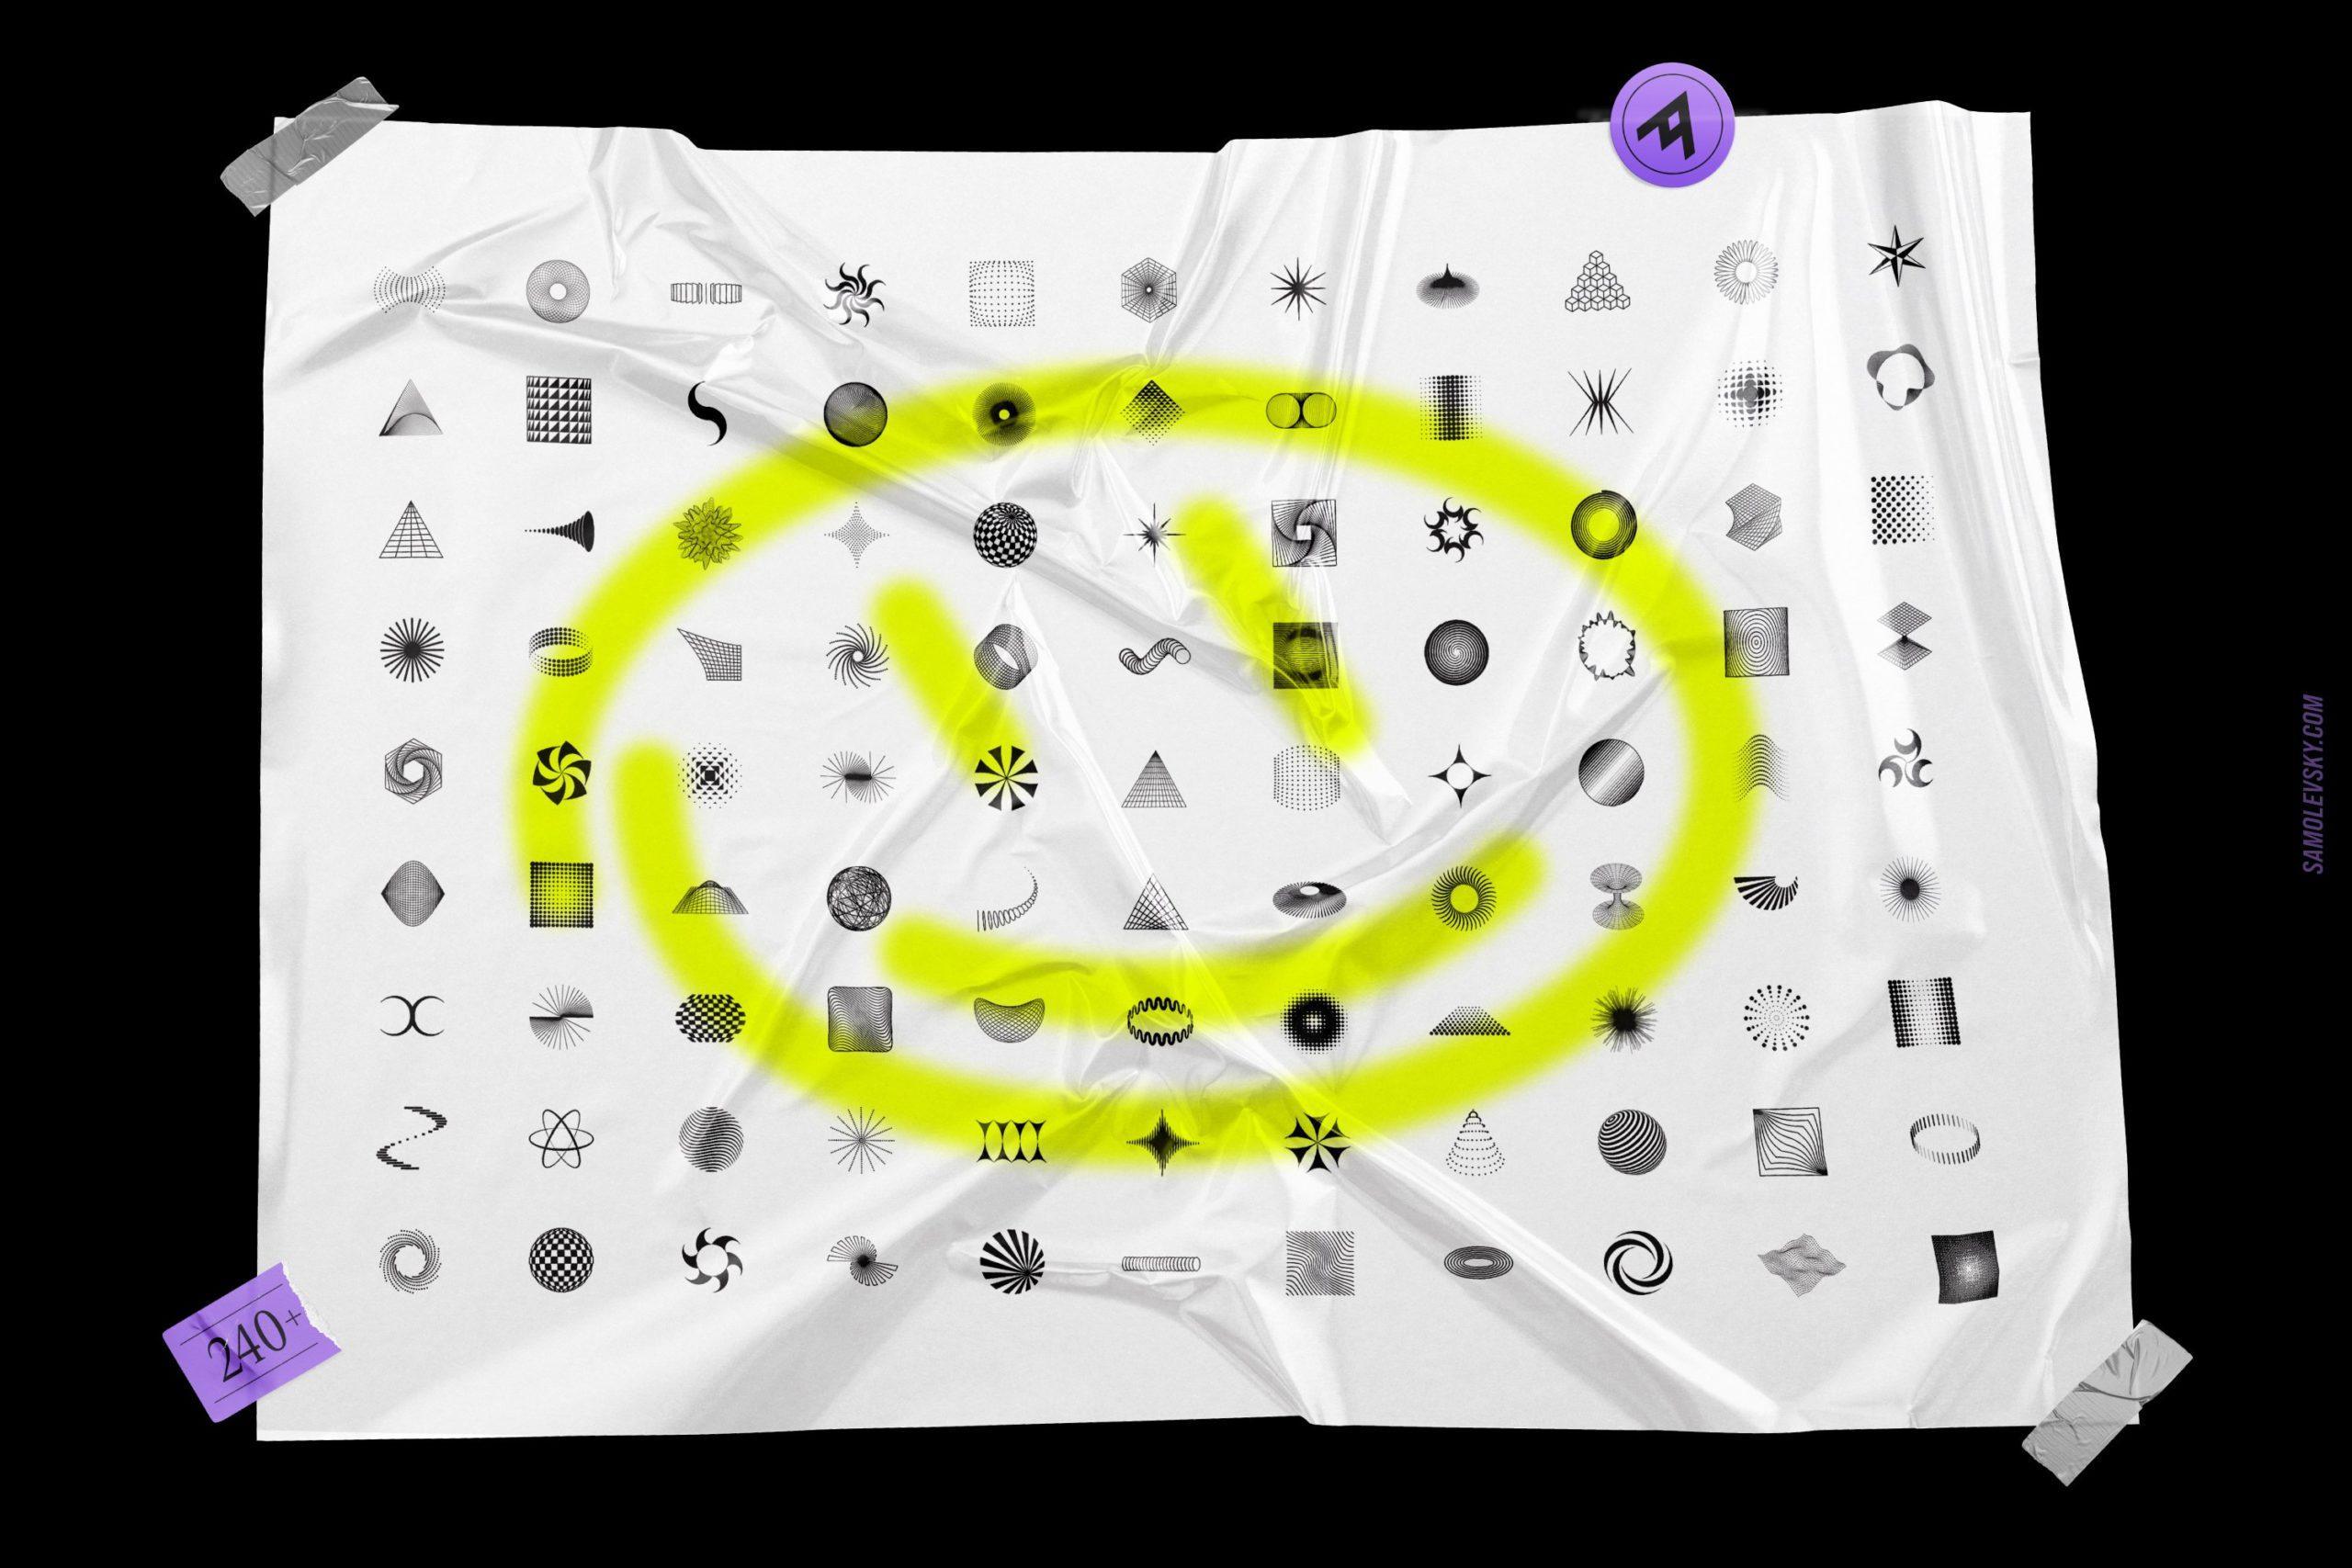 [淘宝购买] 时尚潮流抽象扭曲多边形几何海报设计矢量设计素材 Geometric Shapes For Poster Design插图15